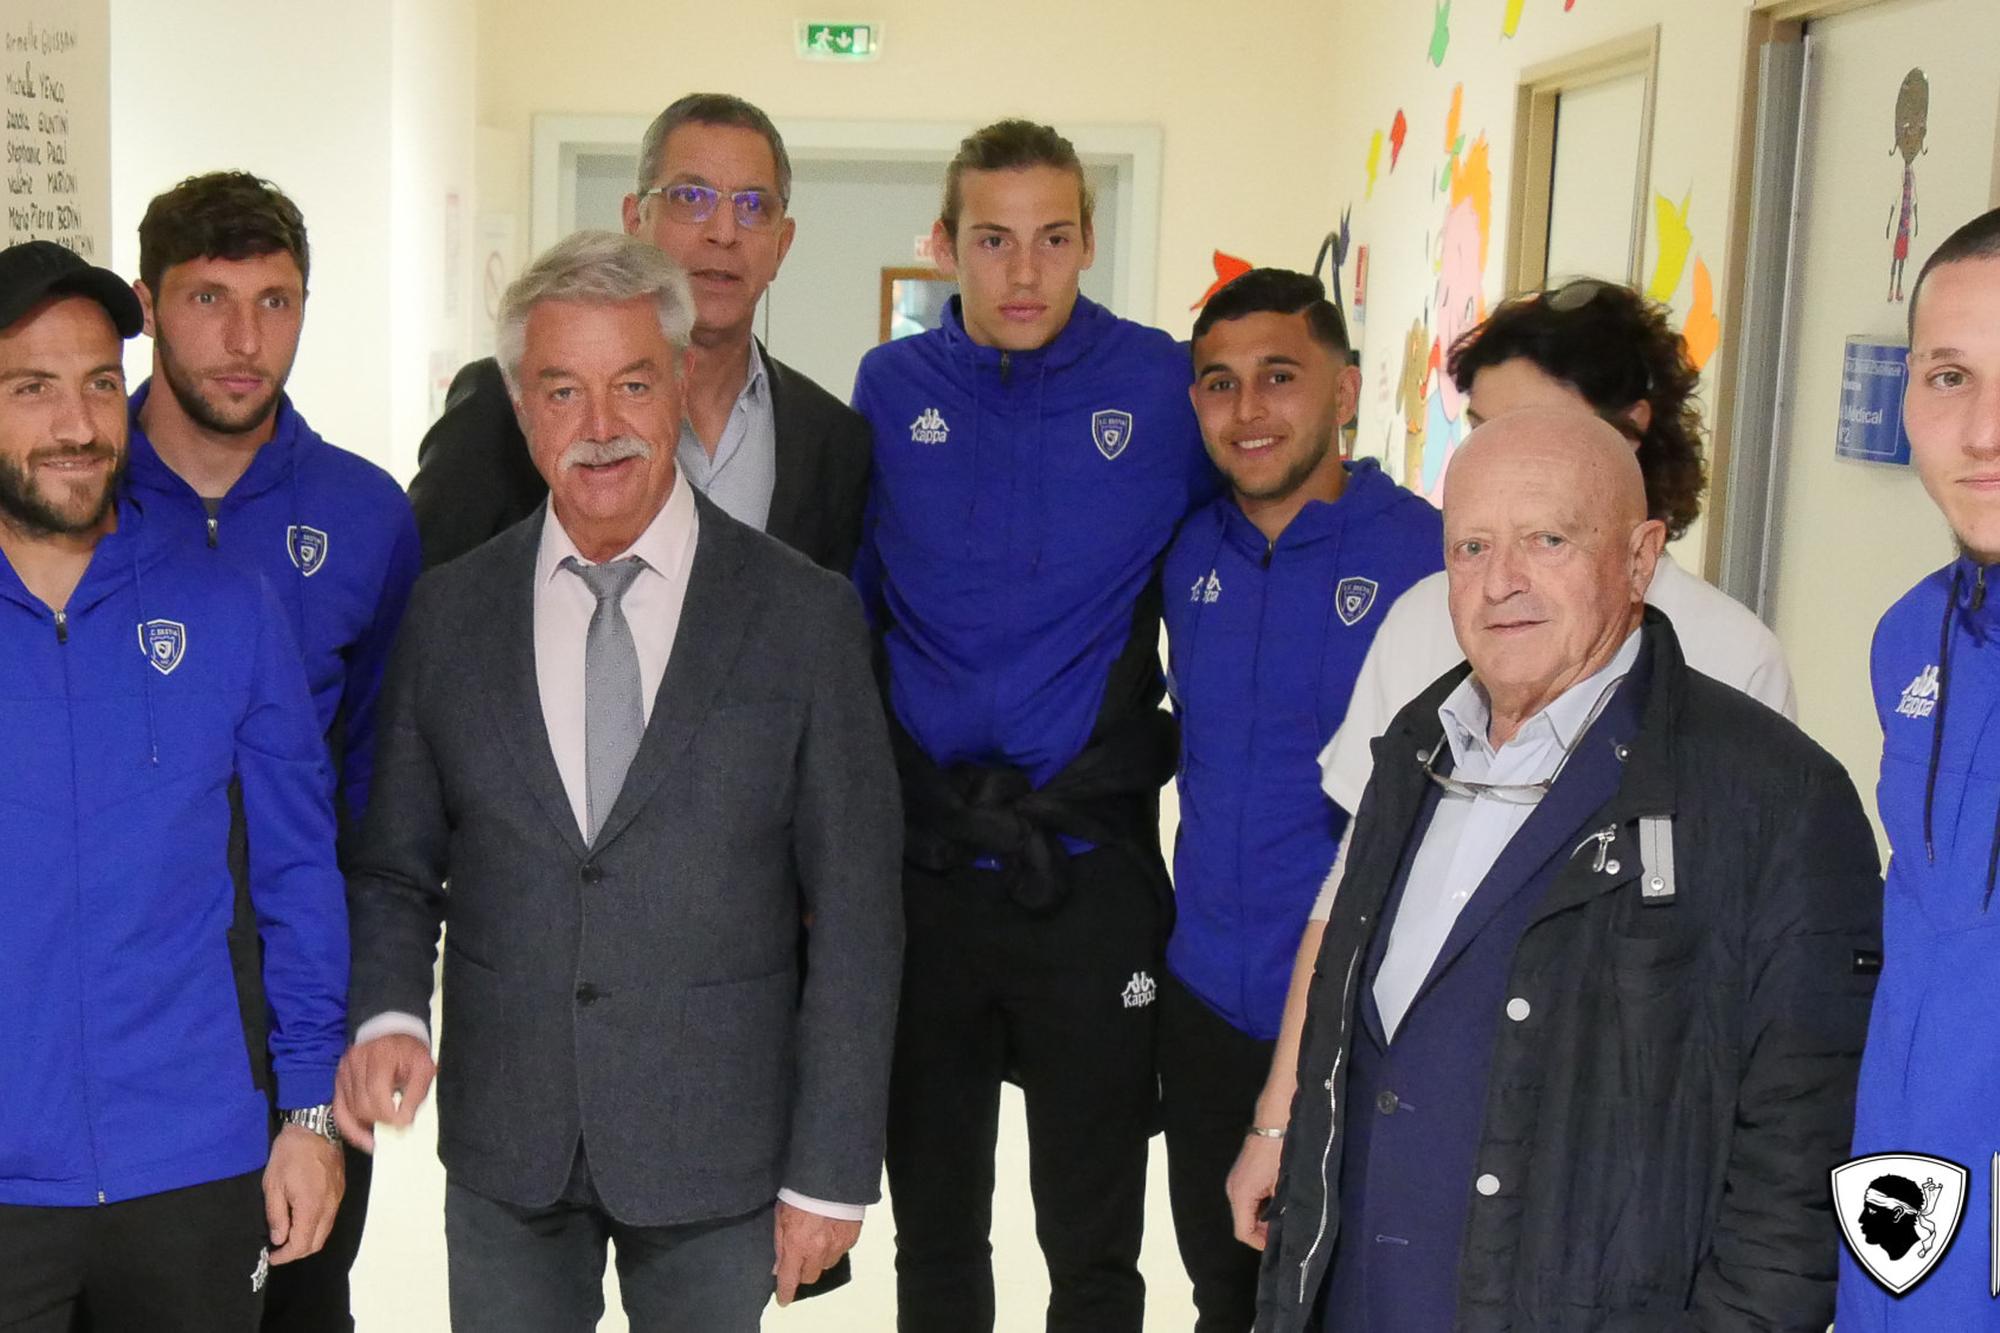 Les Bleus en visite au service pédiatrique de l'Hôpital